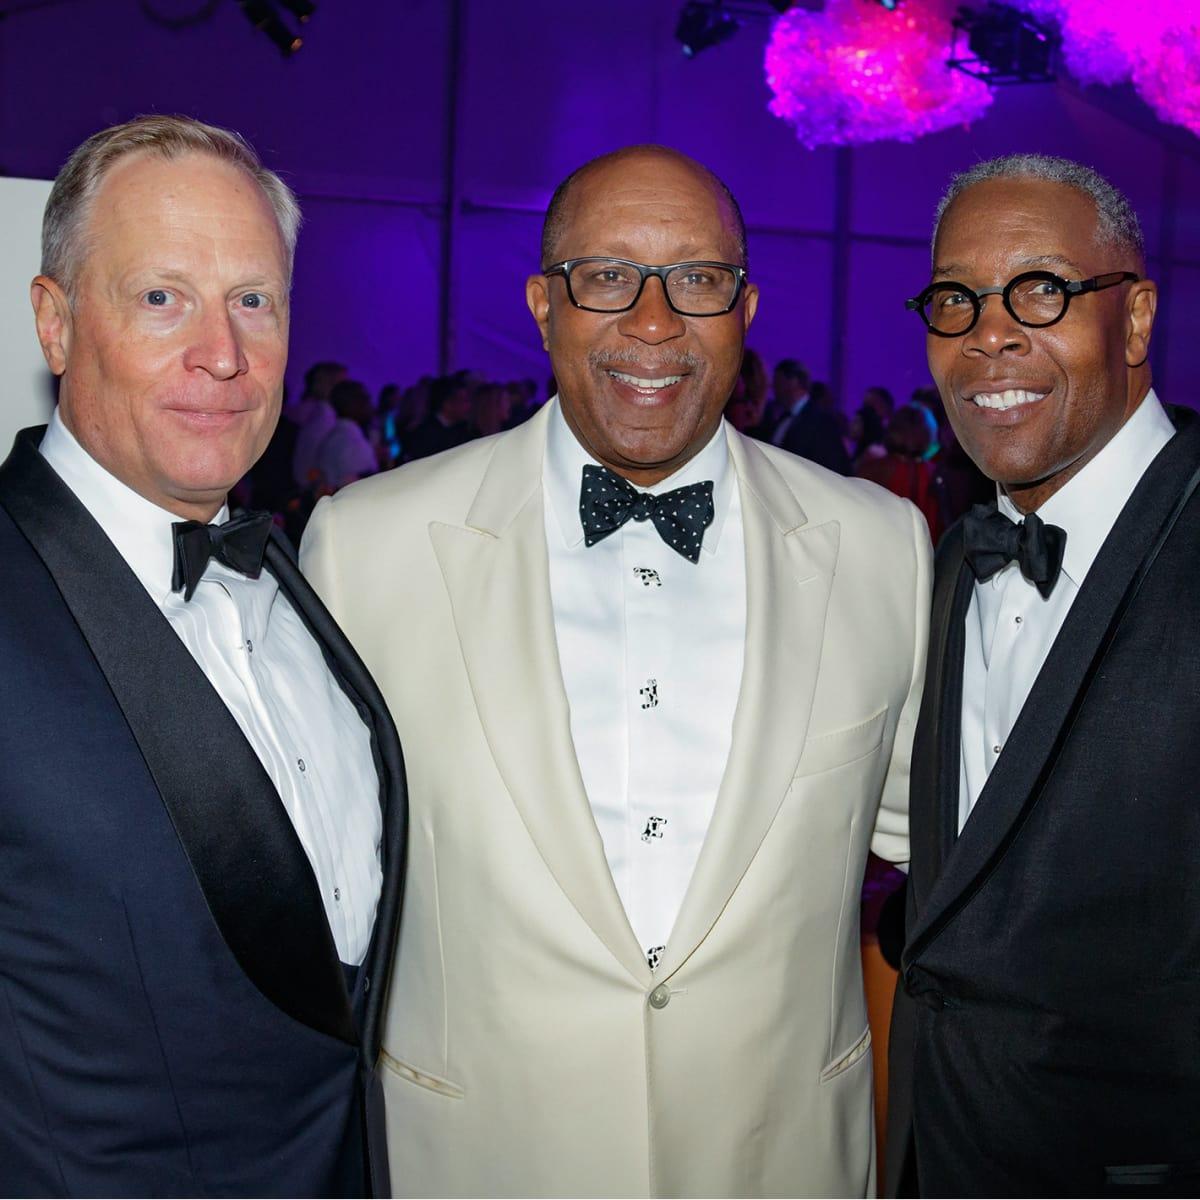 Ross Perot Jr., Ron Kirk, David Huntley